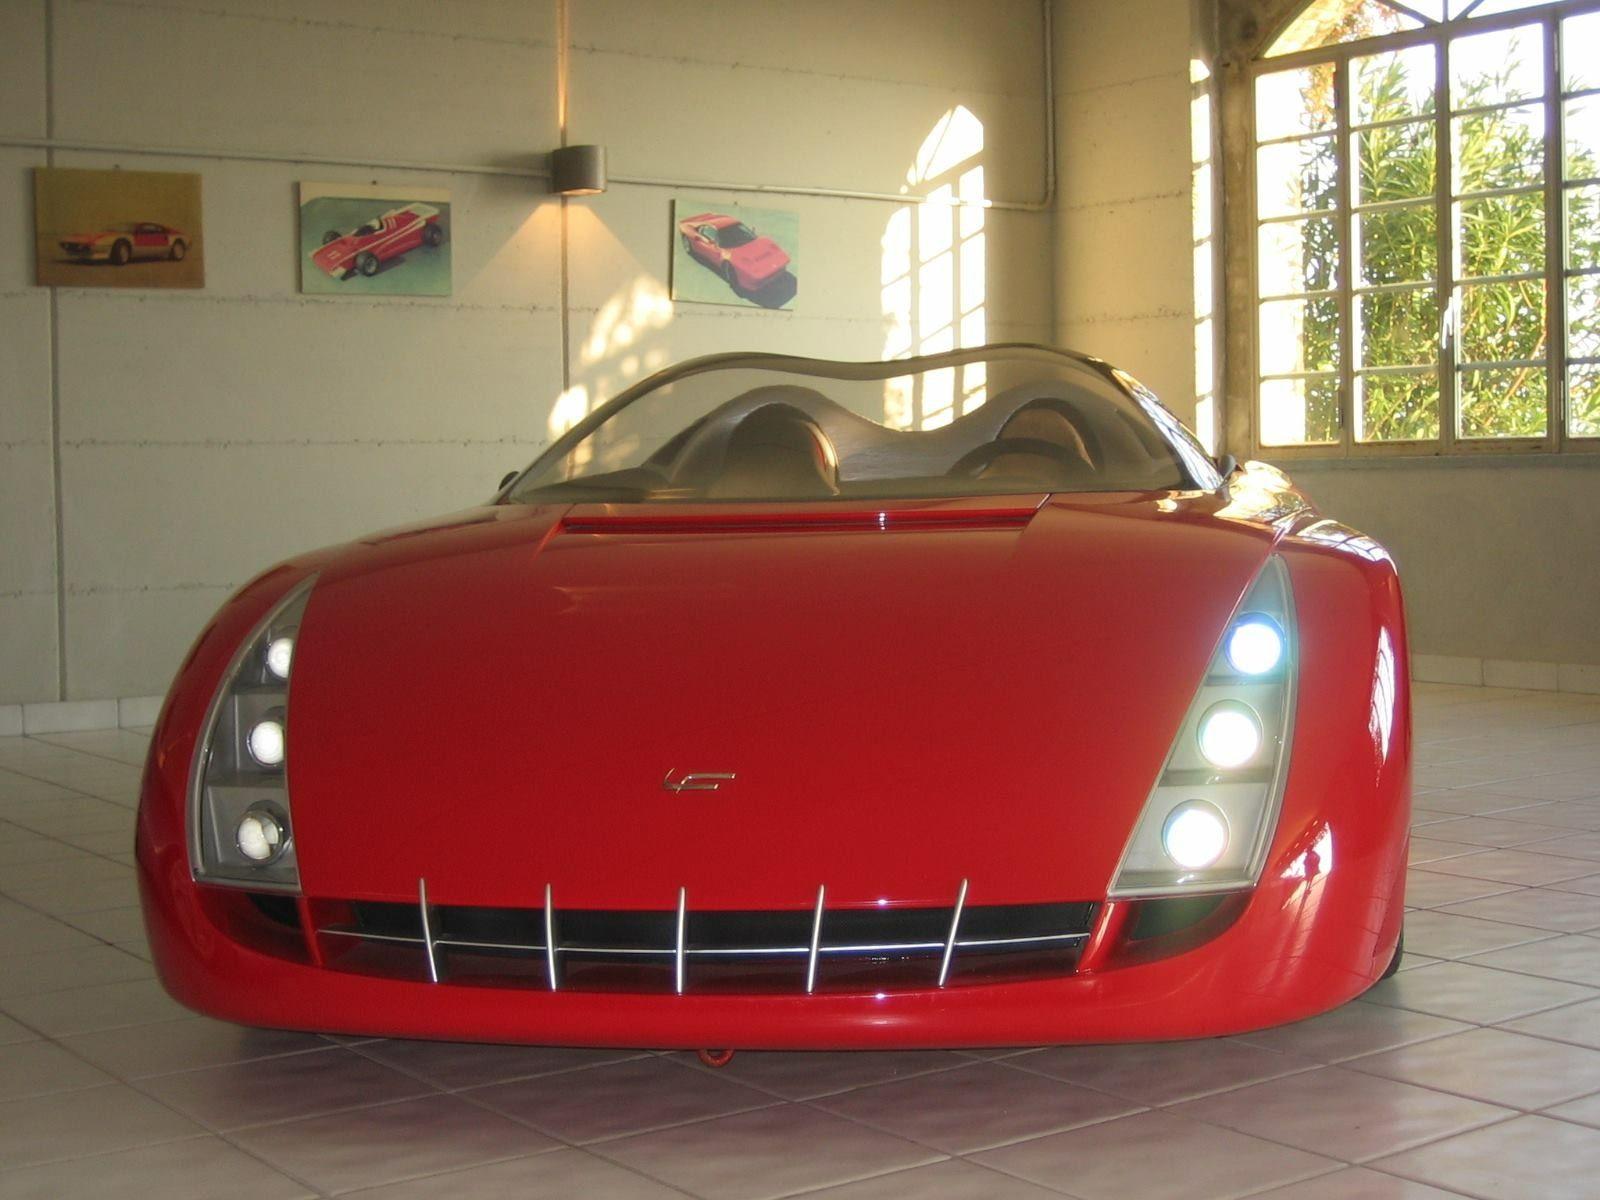 ab05e73ade2998bda982ff1a7392b1e1 Extraordinary Bugatti Veyron Price List Philippines Cars Trend